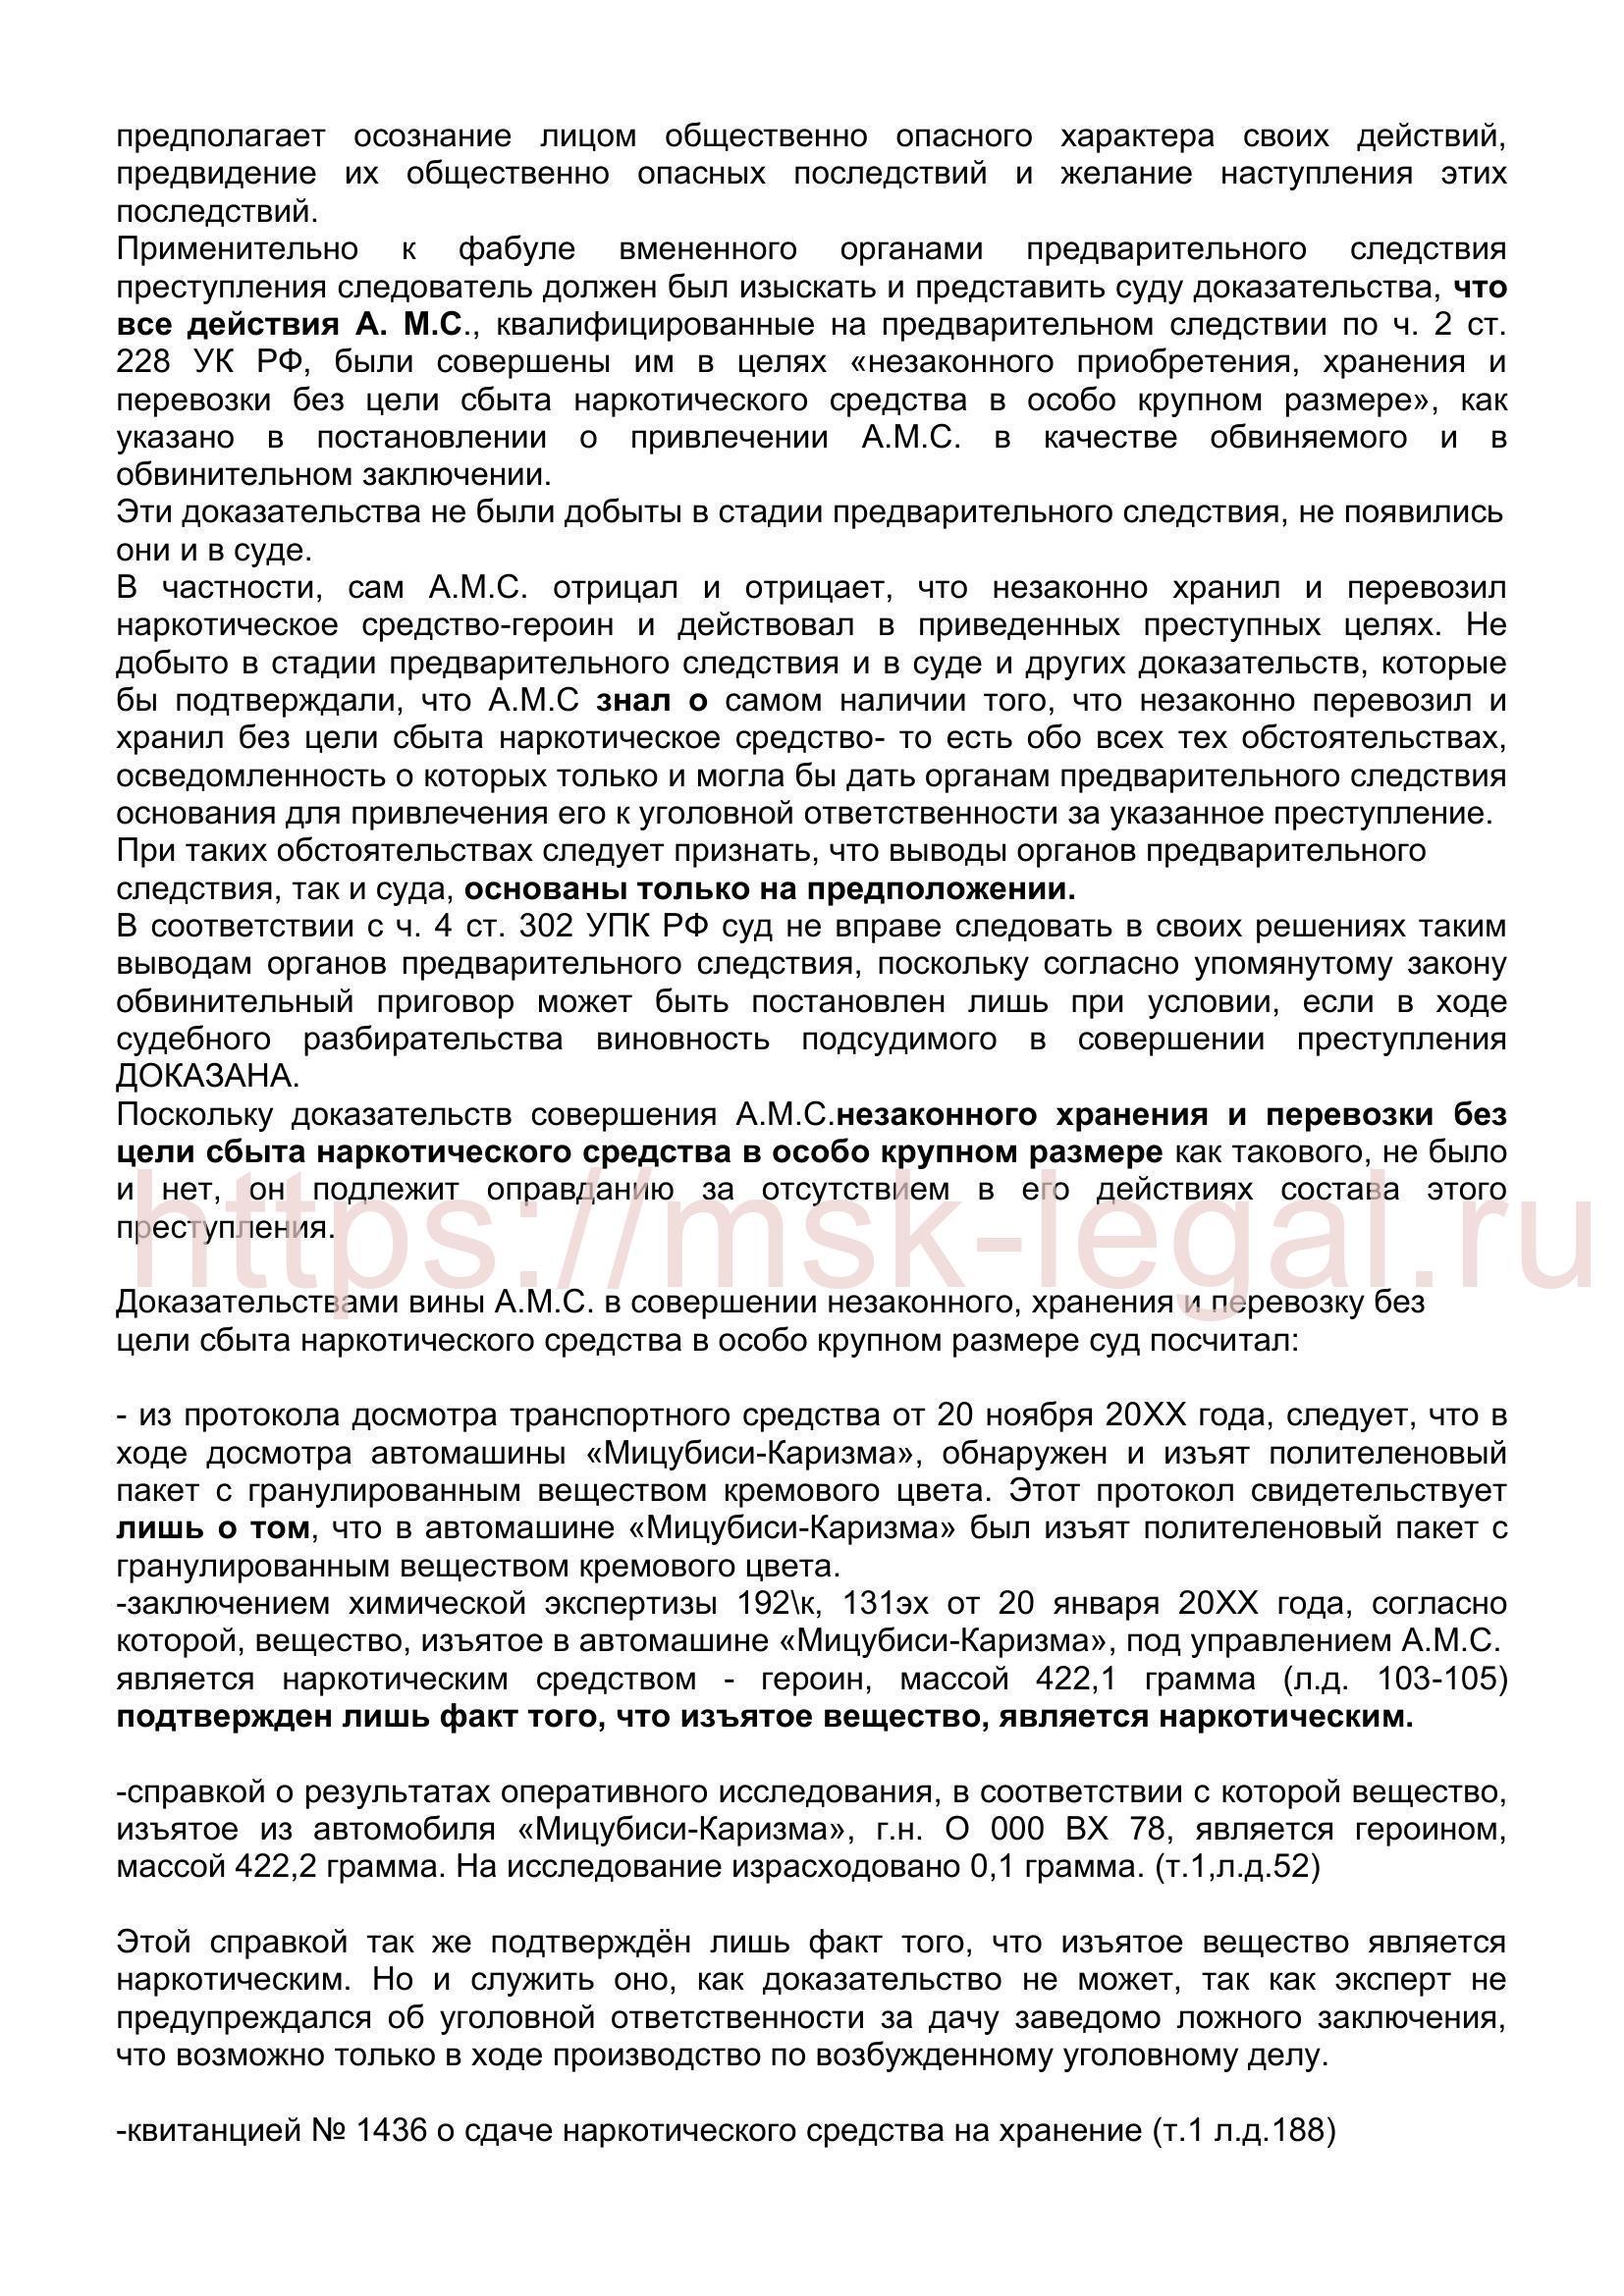 Кассационная жалоба на приговор по ст. 228 УК РФ